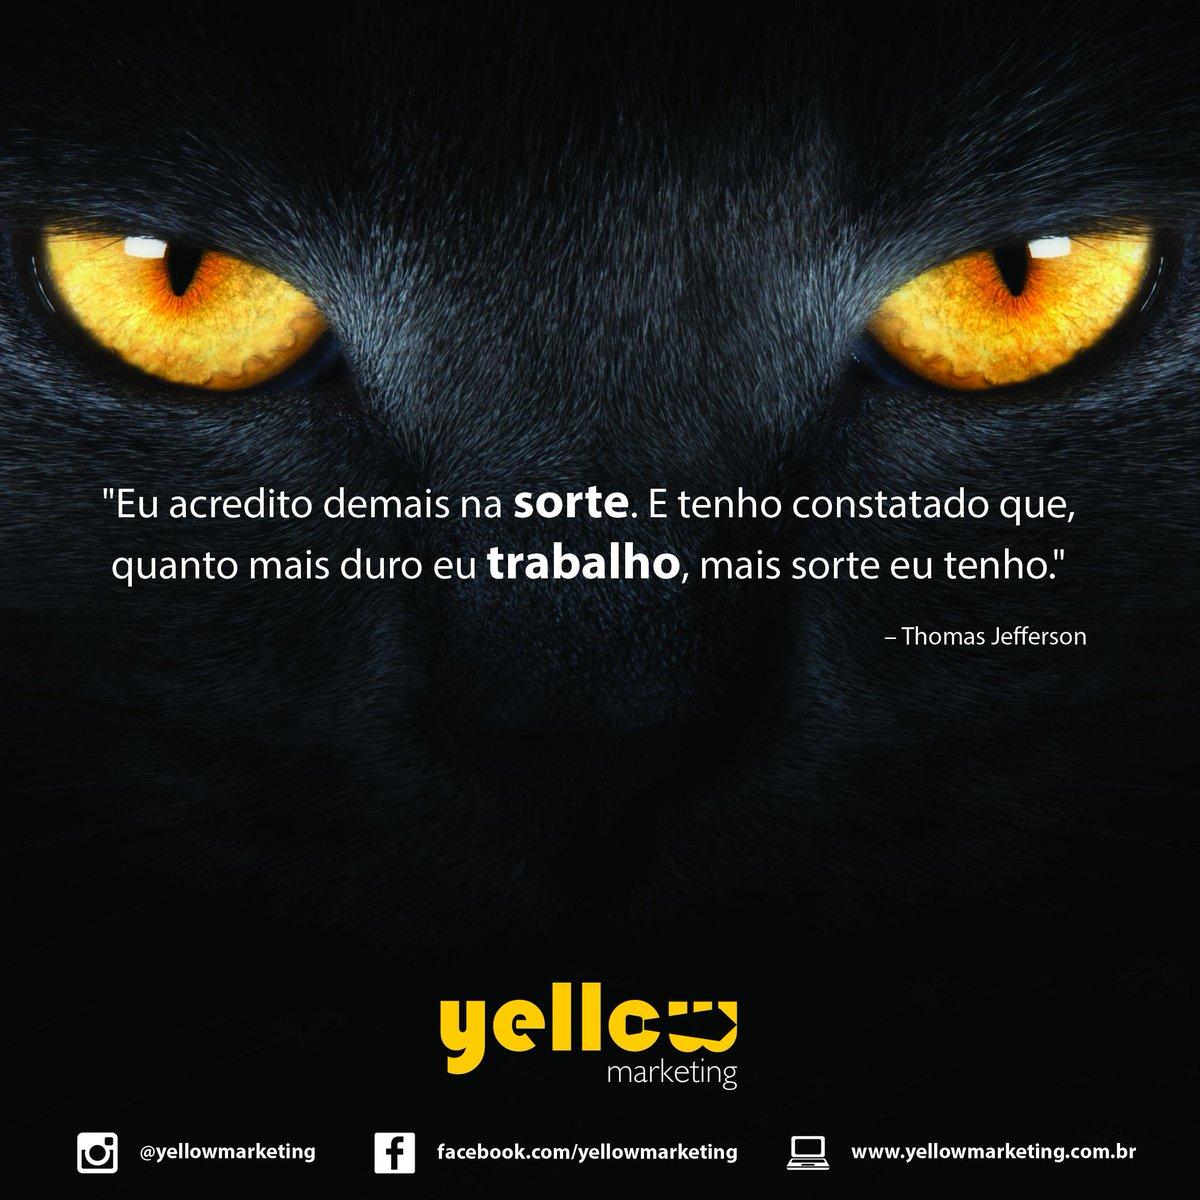 Yellow Marketing Yellowmkting Twitter